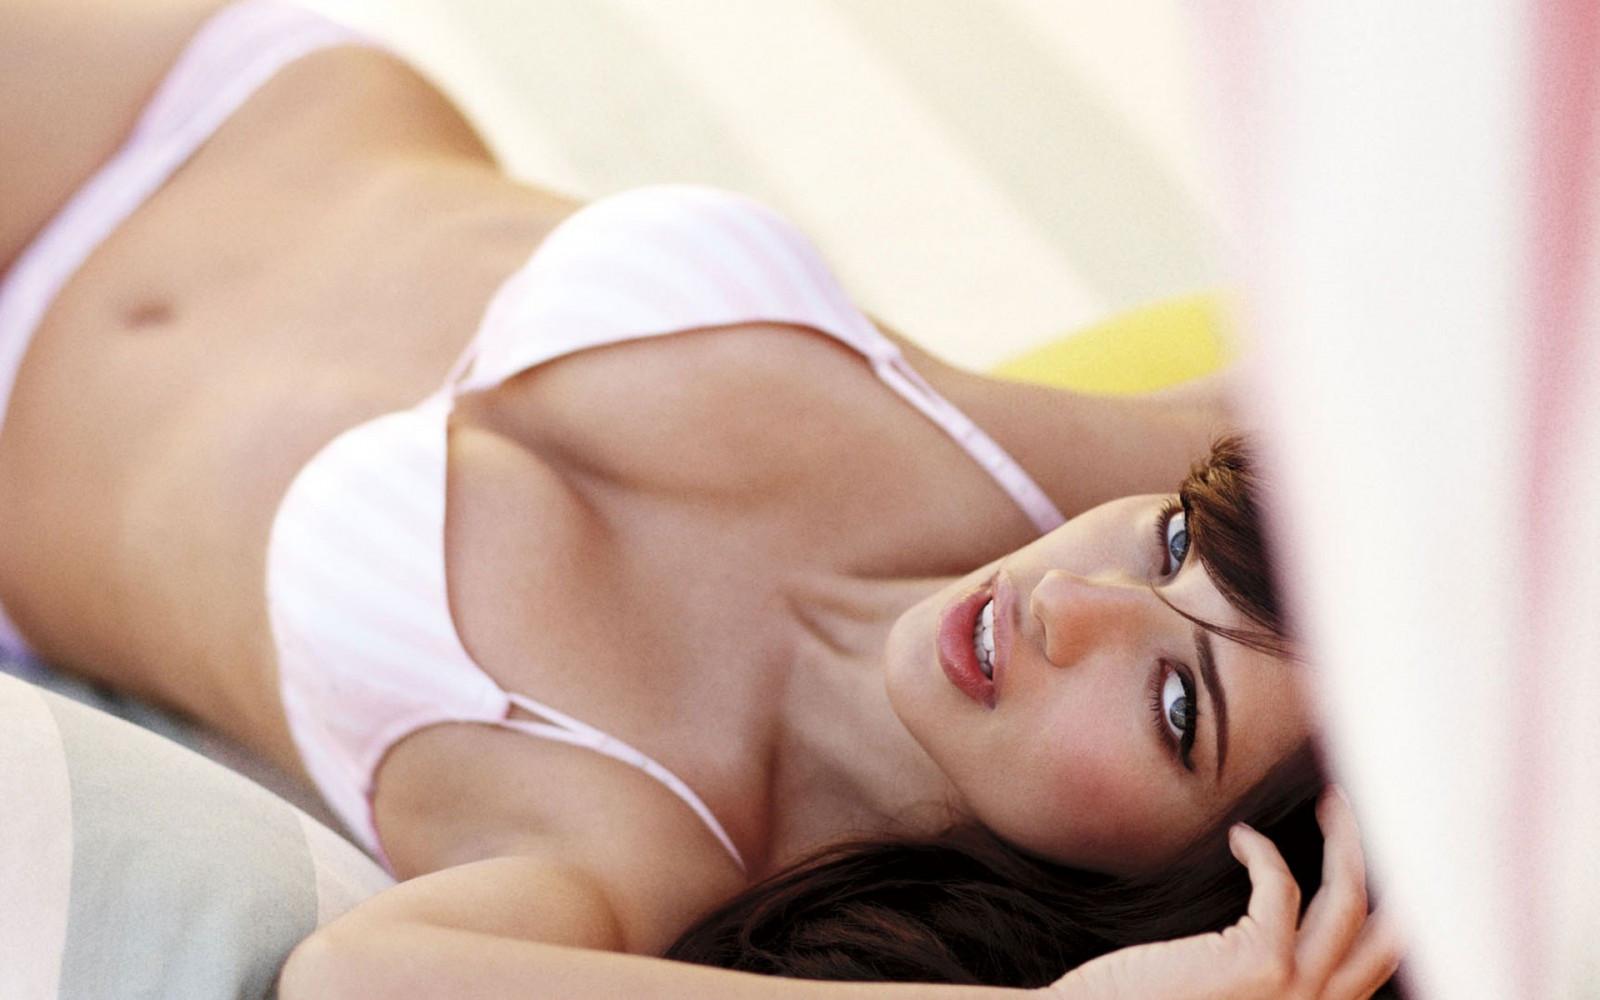 Нижнее белье женское фото оргазм — pic 15